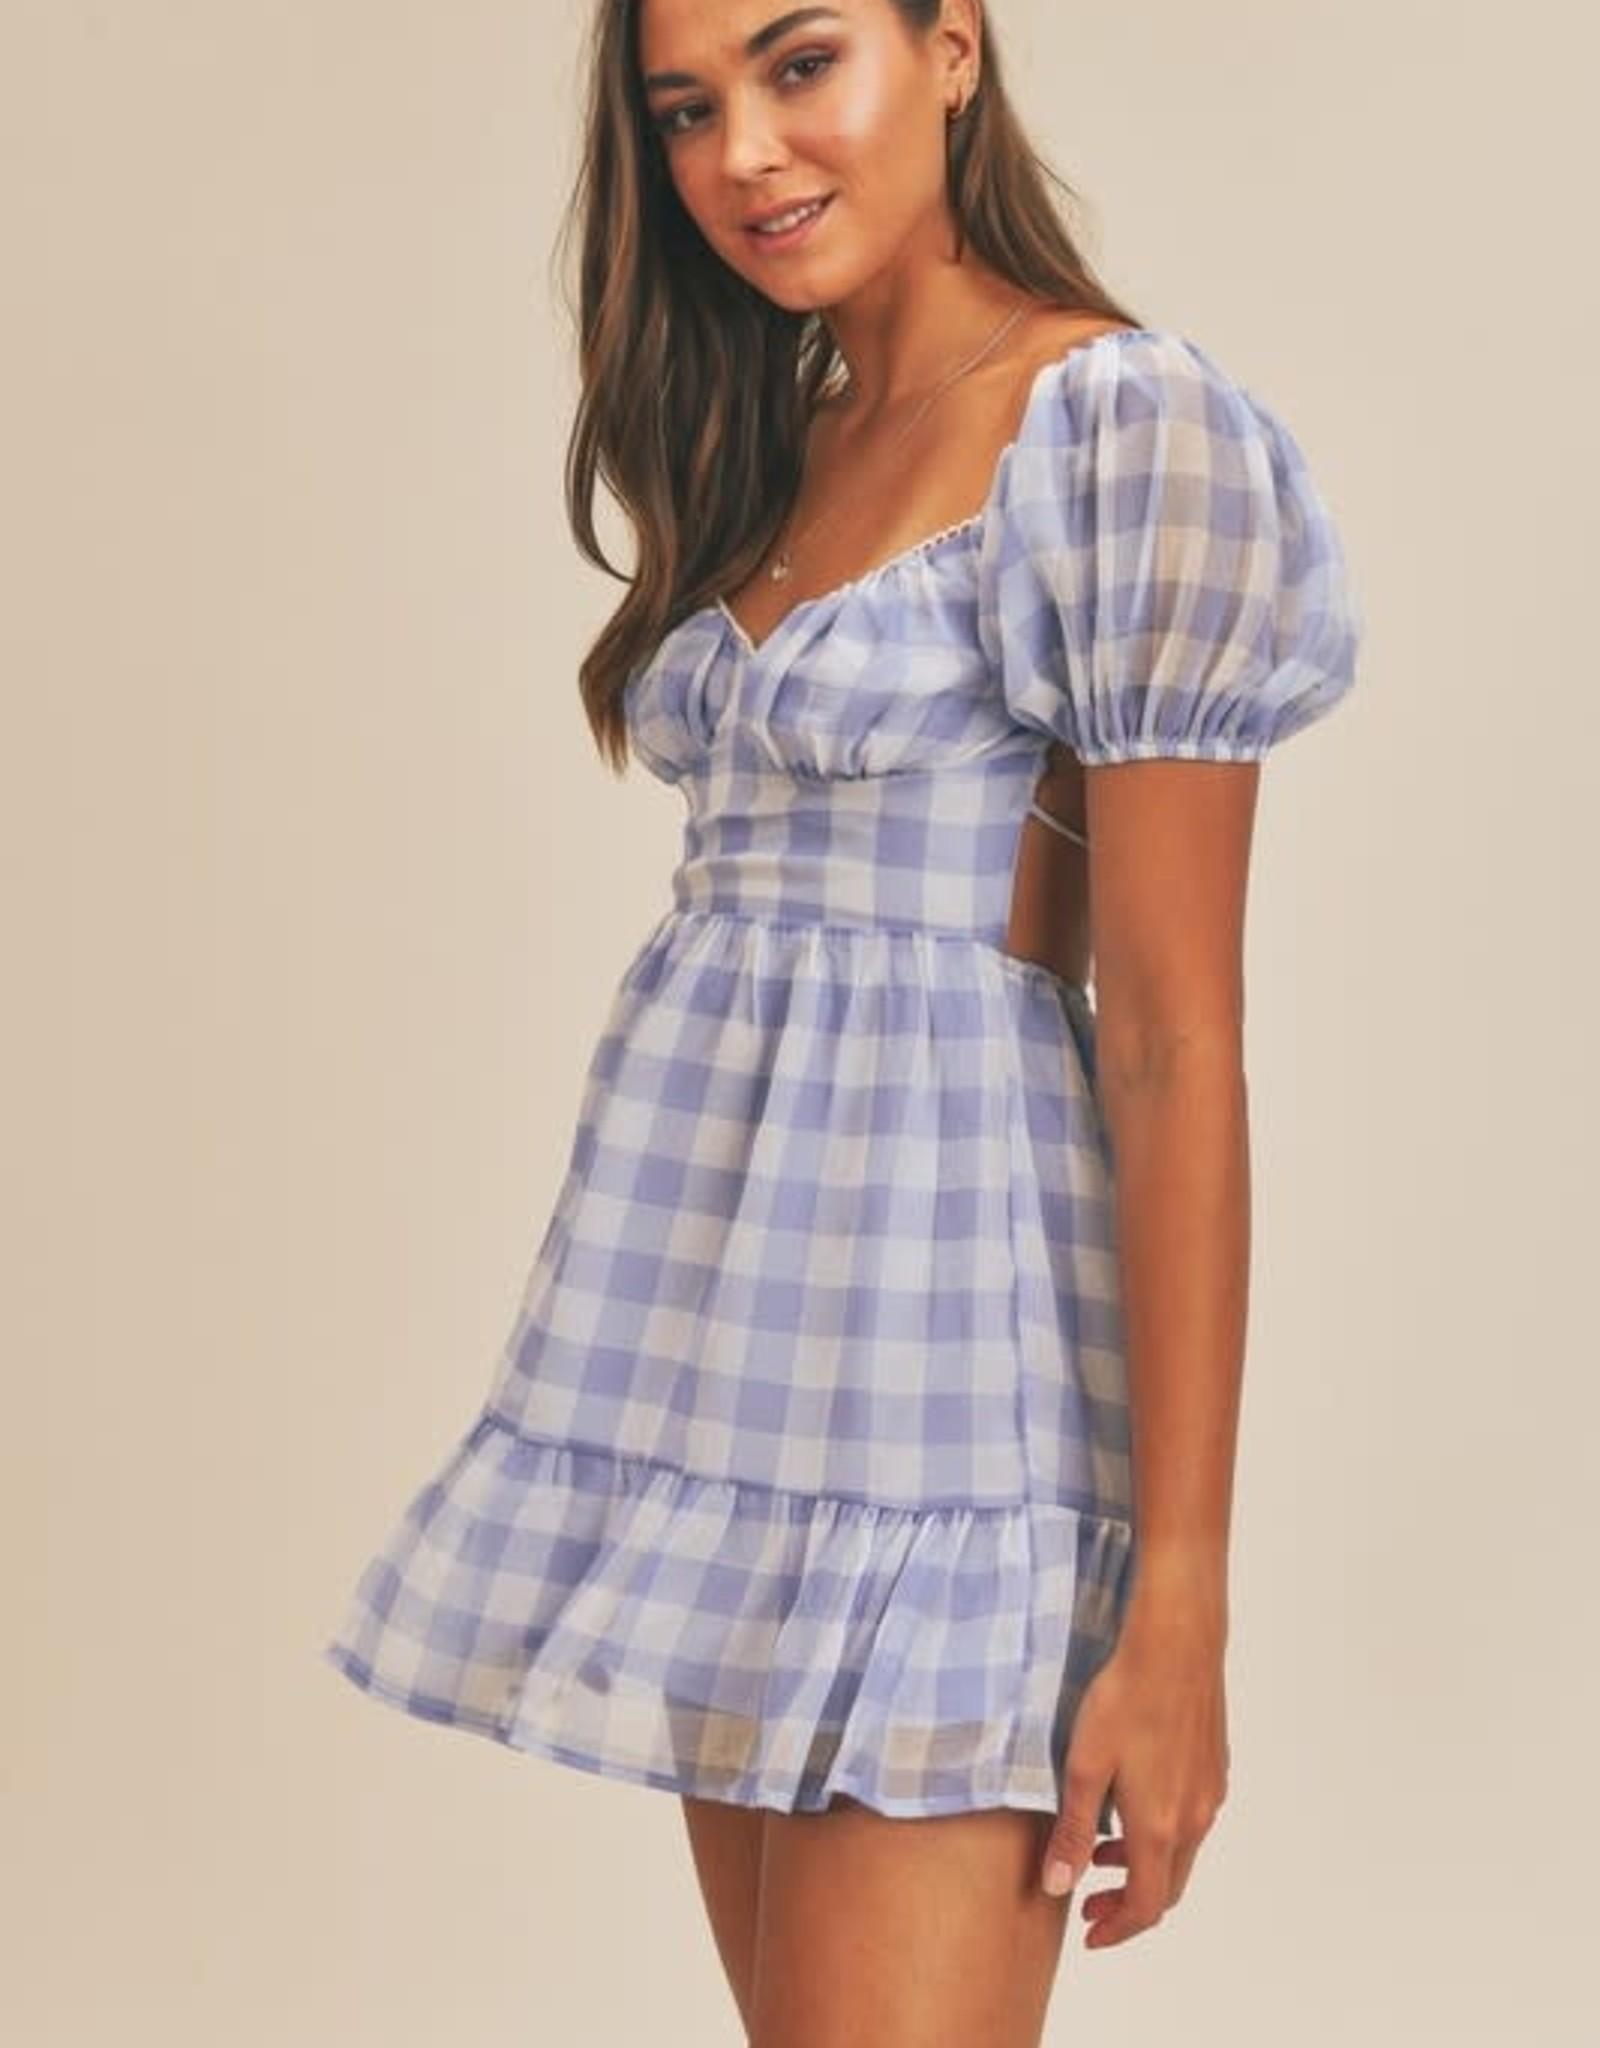 The Frankie Dress